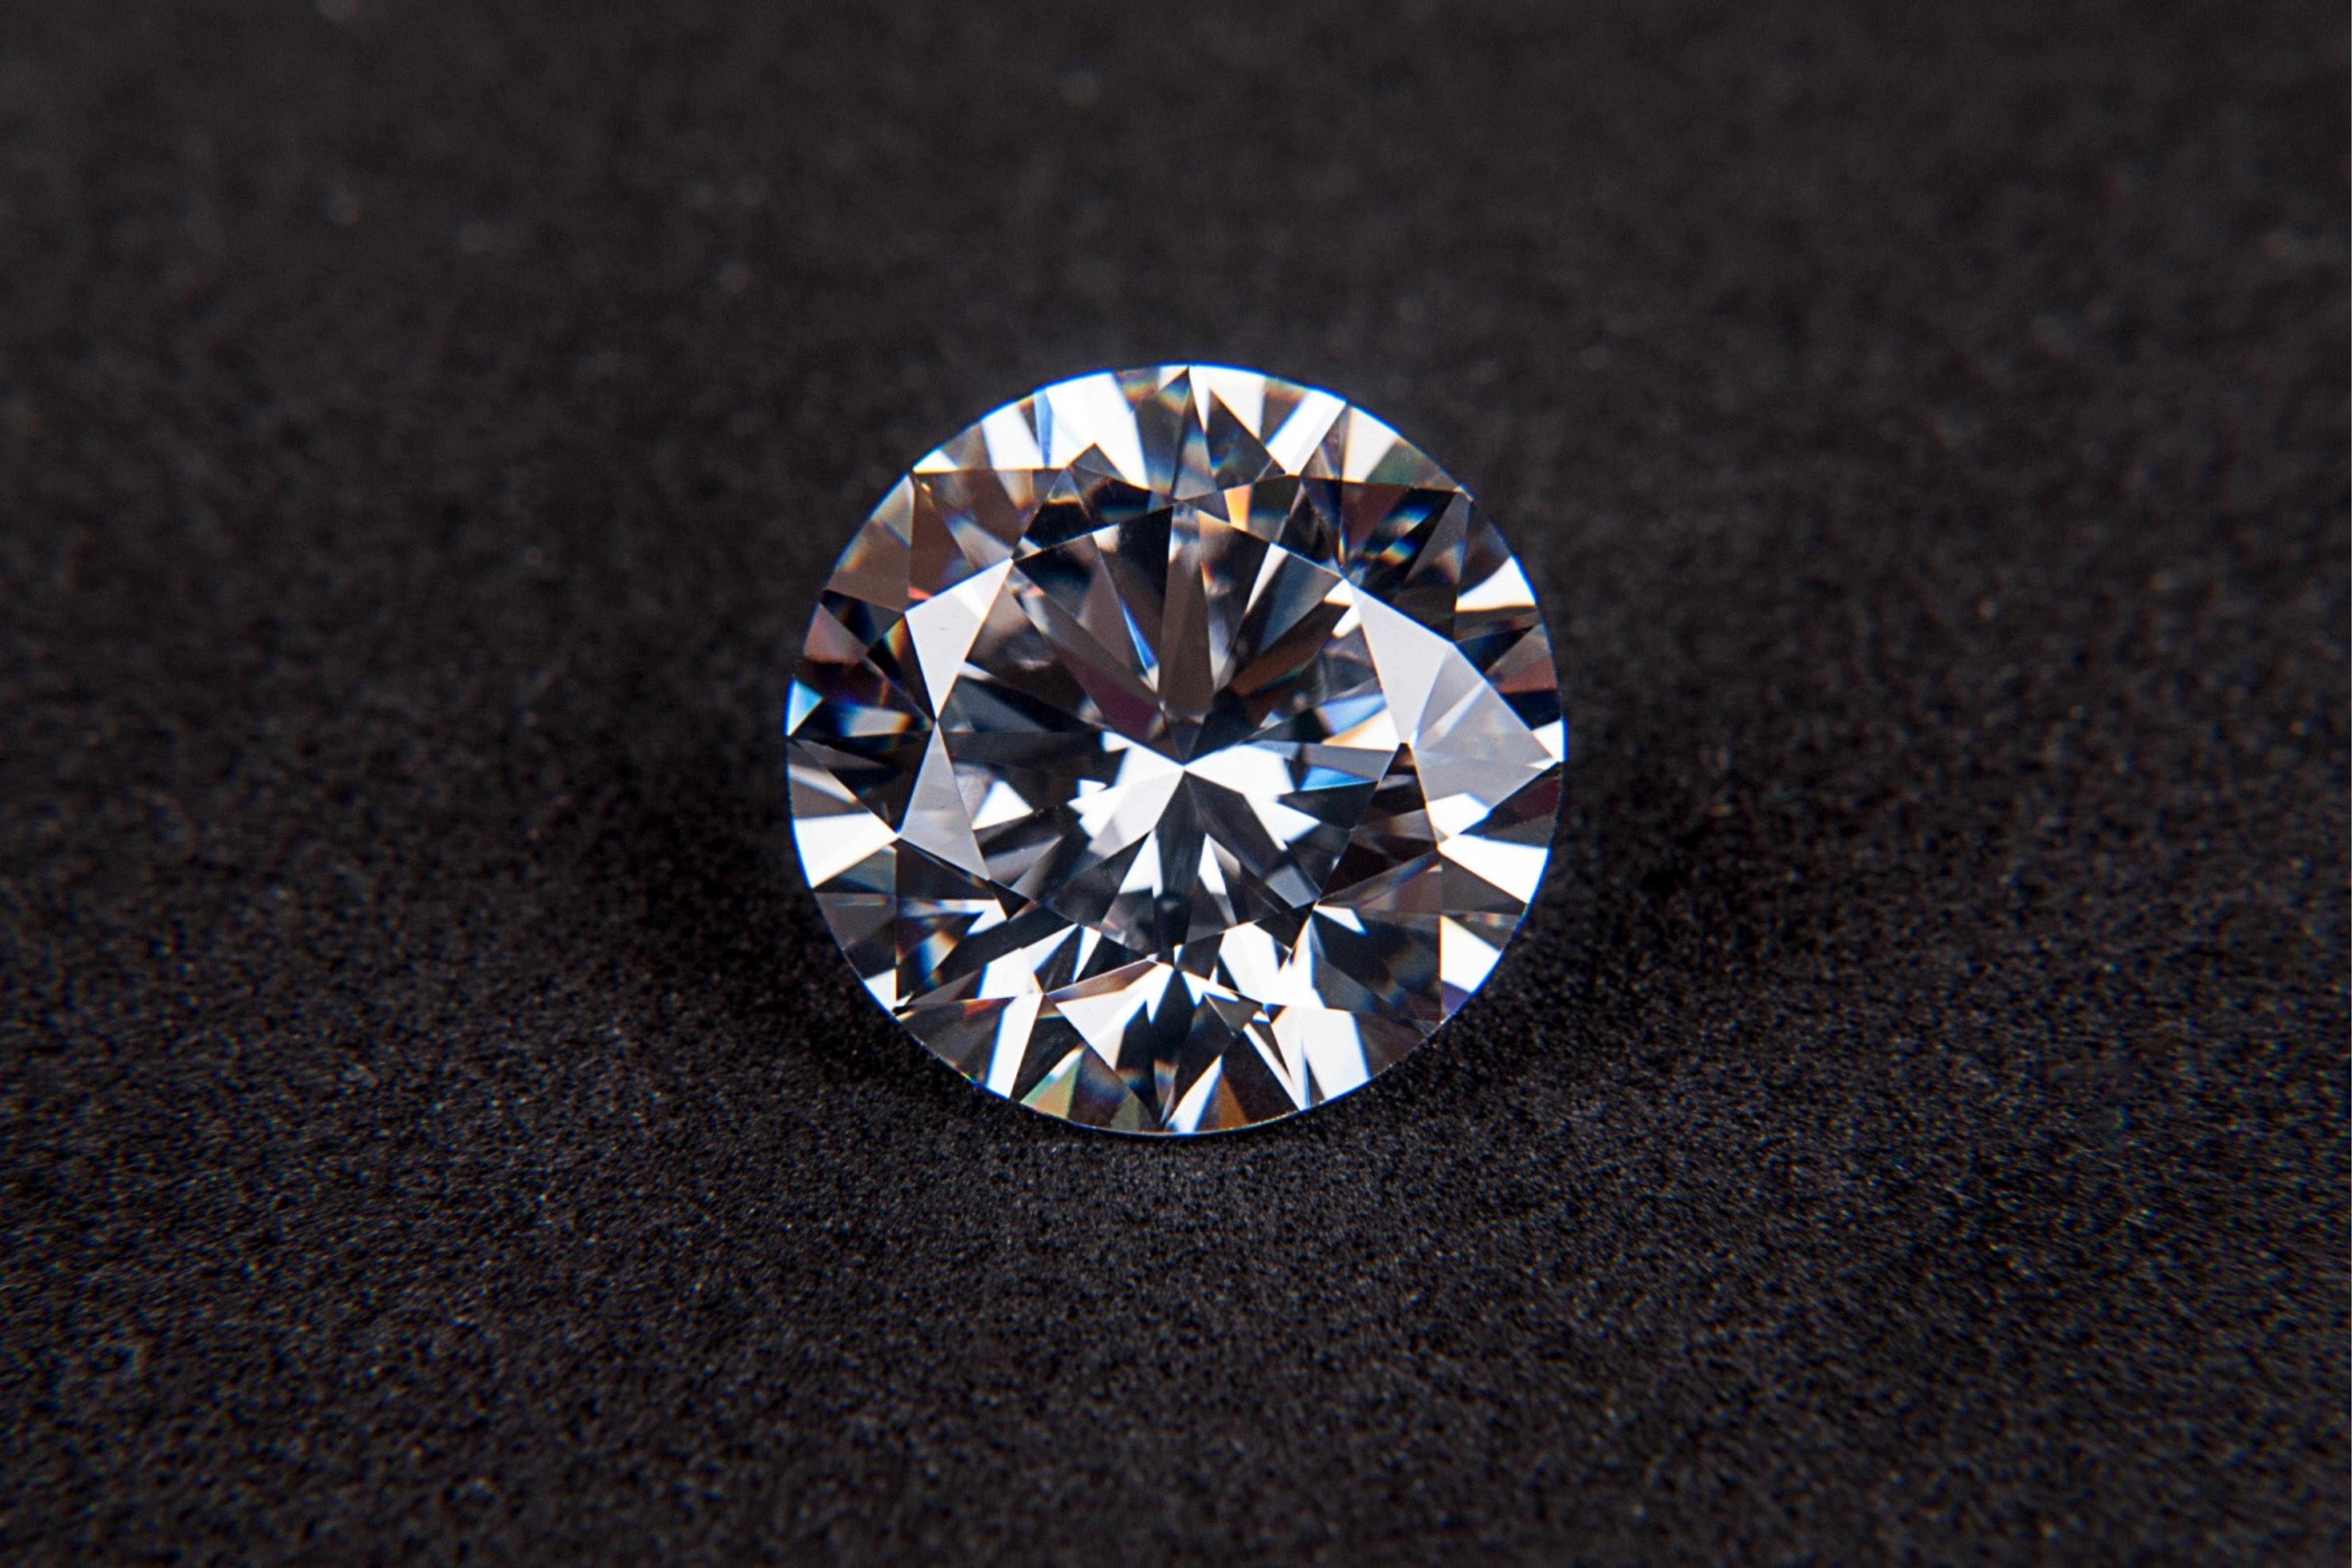 10 ZAJÍMAVOSTÍ o diamantech: Co mají společného s obyčejnou tužkou?